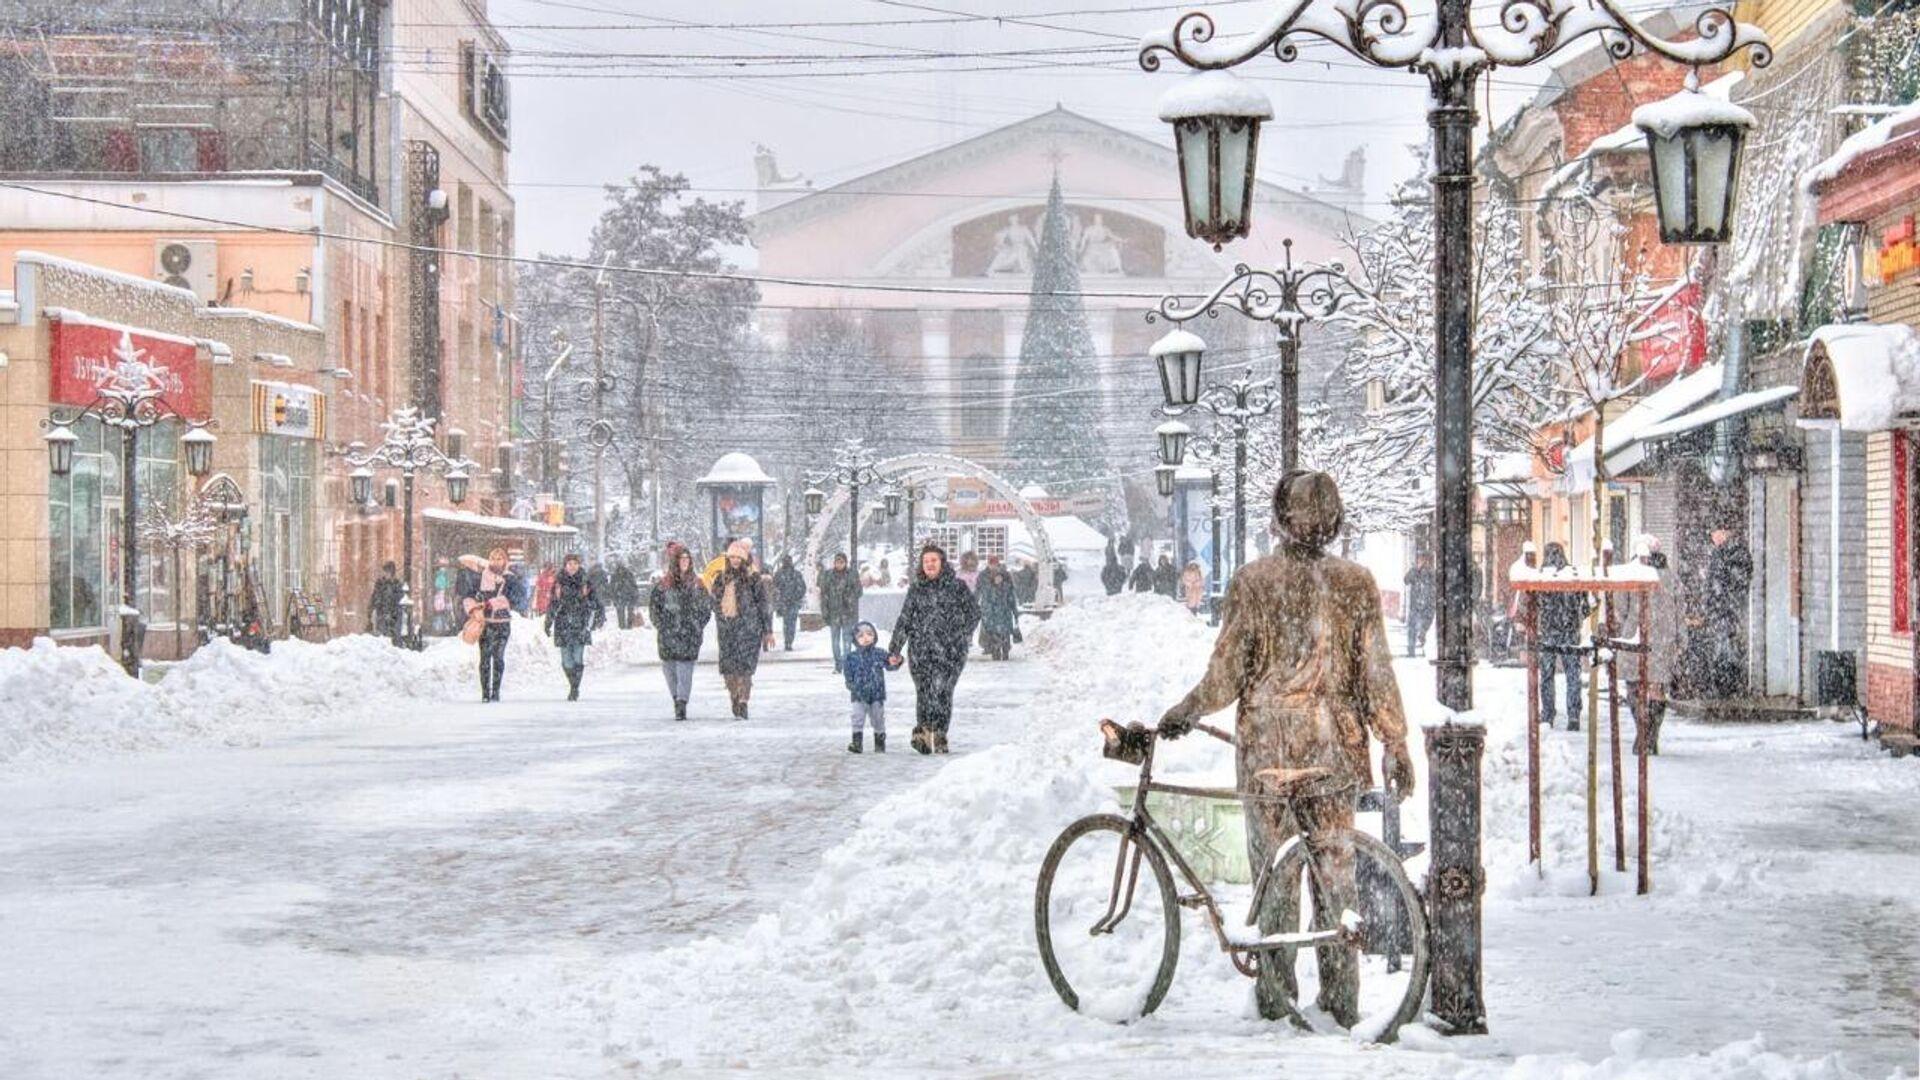 Прохожие на улице Калуги - РИА Новости, 1920, 10.12.2020